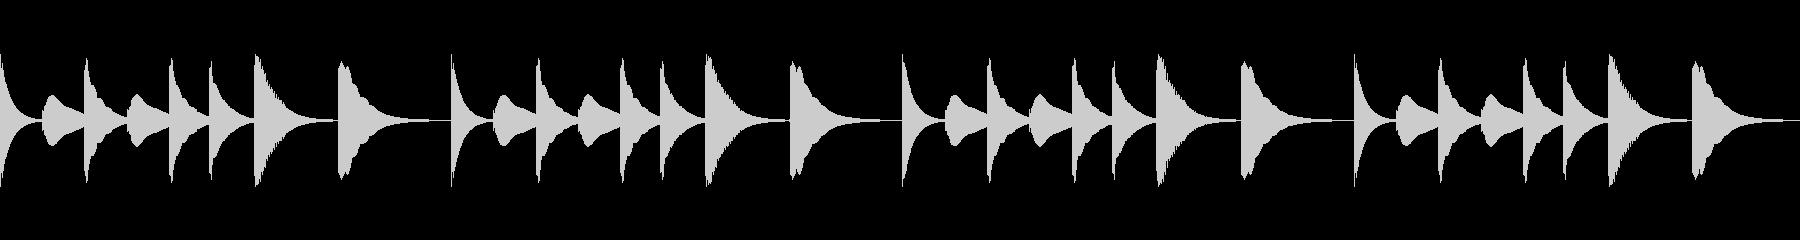 スマホ風着信音その3の未再生の波形